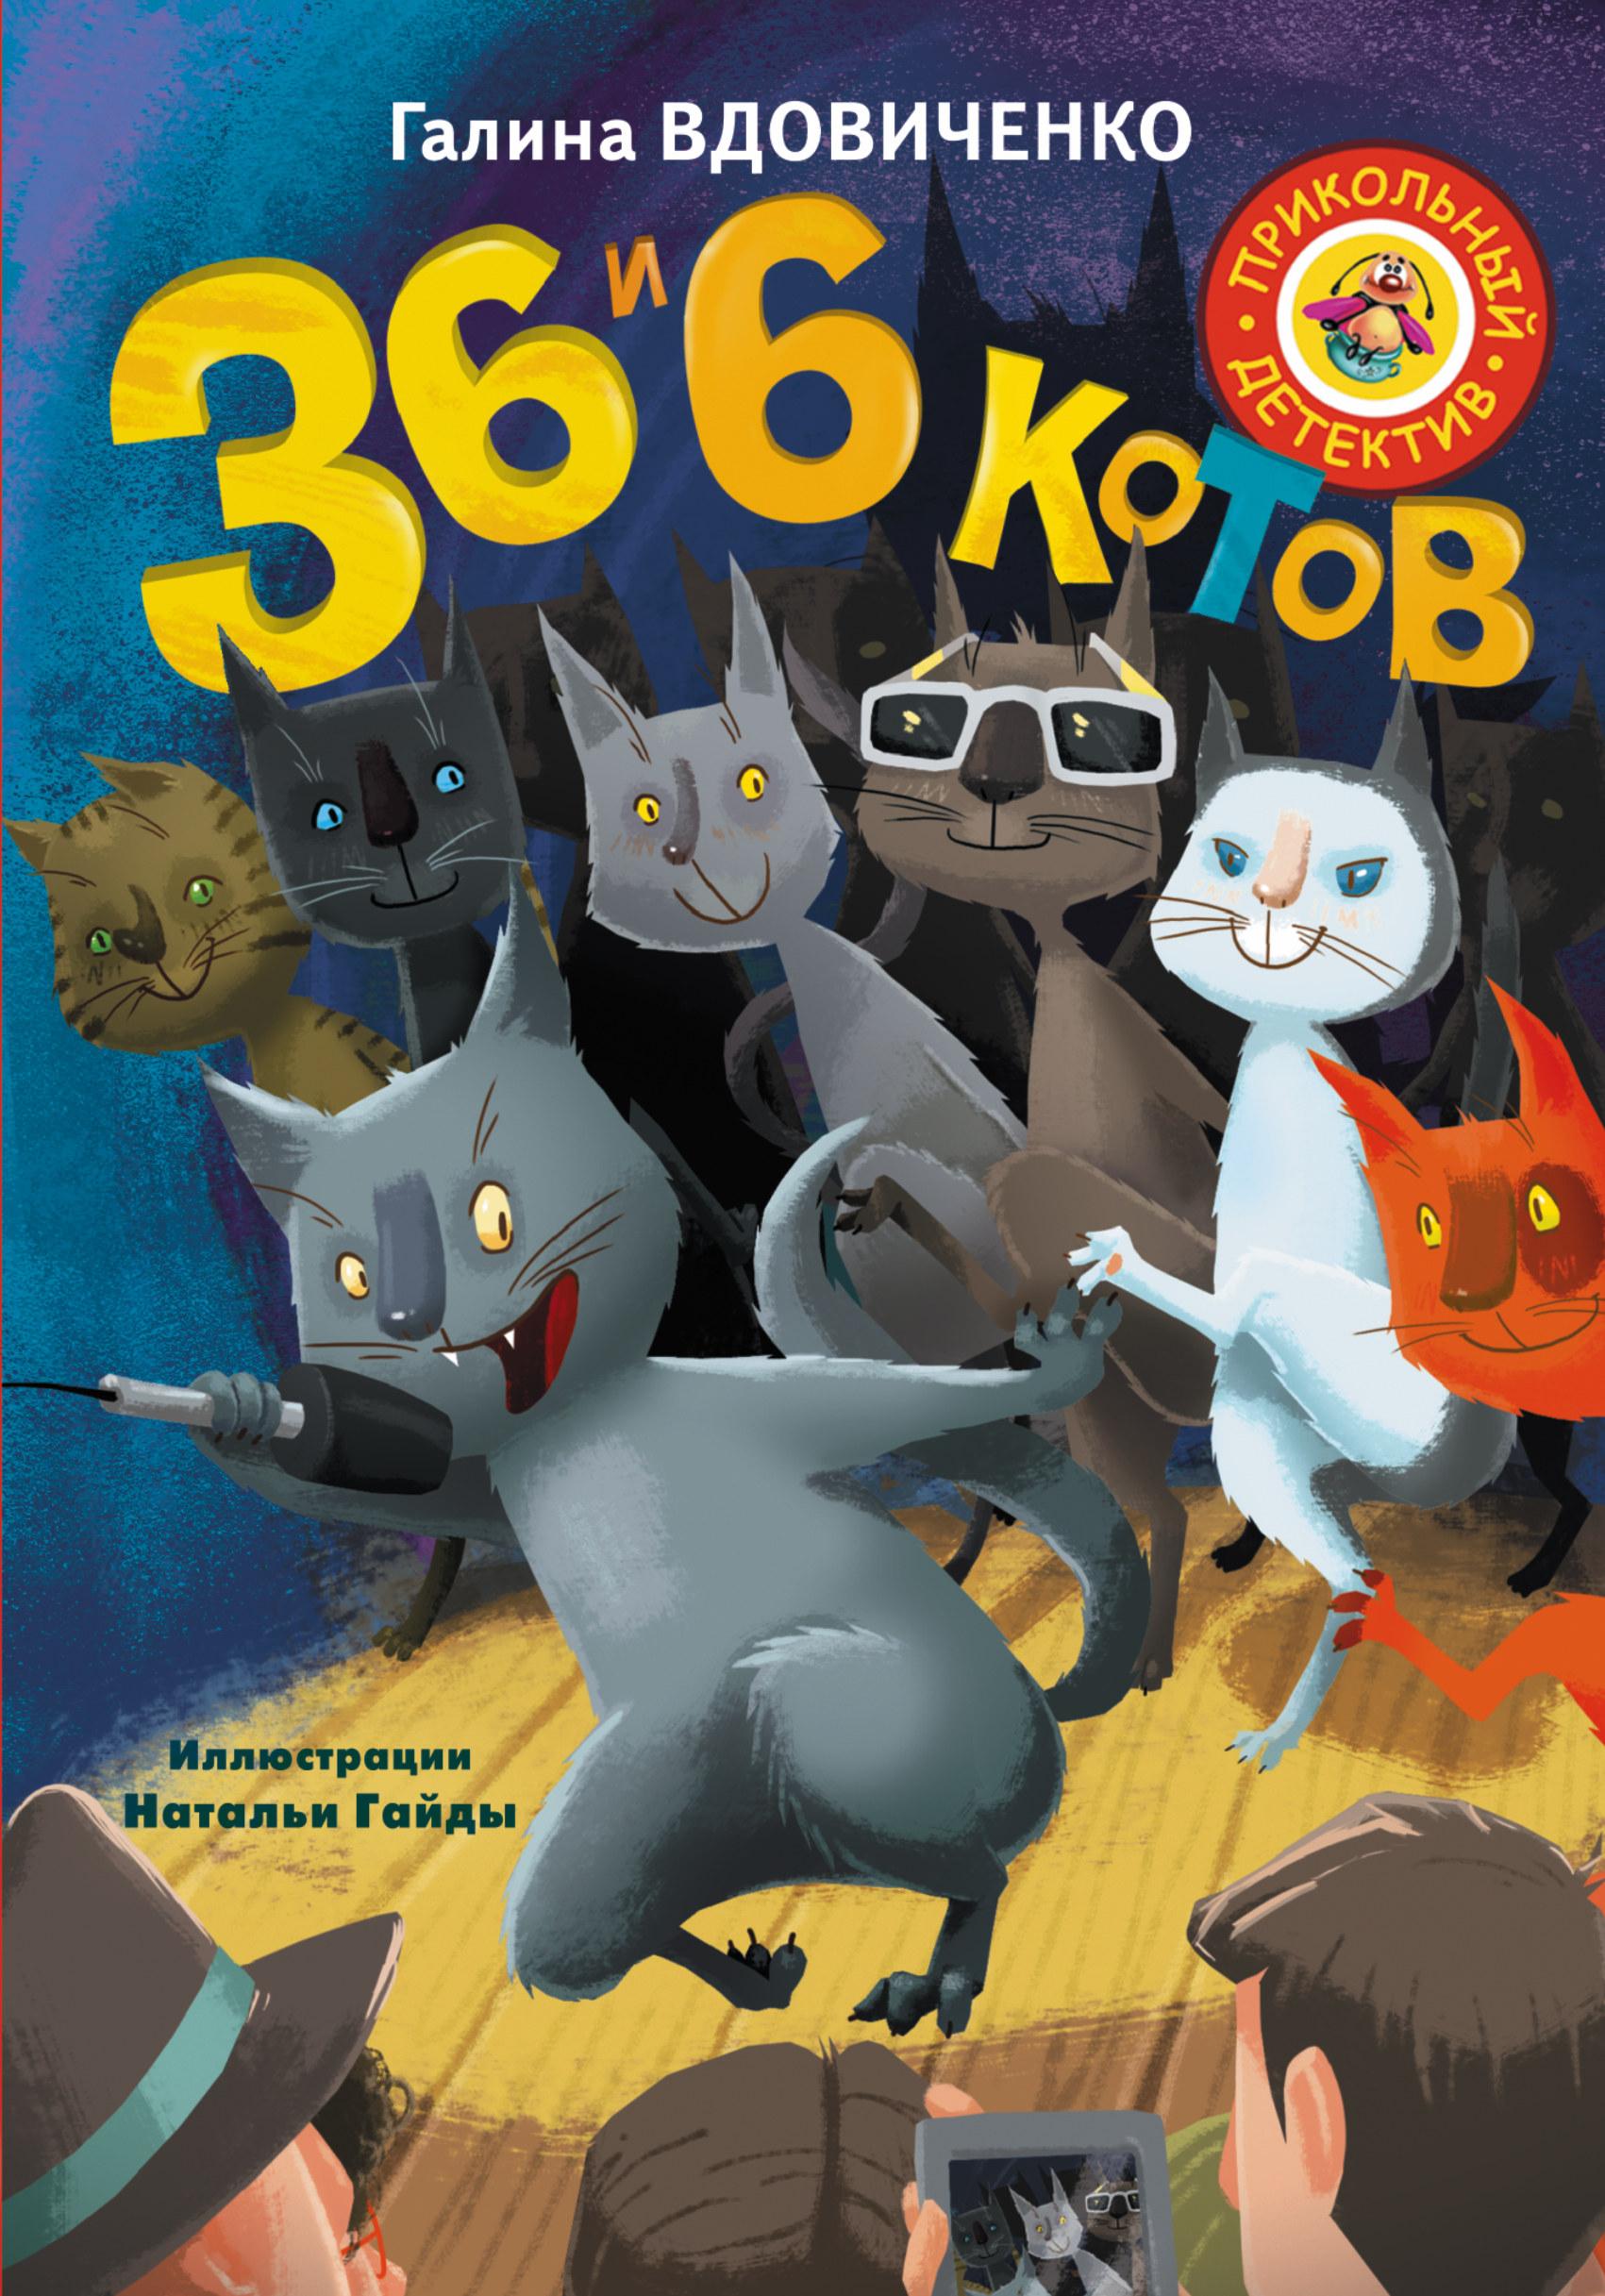 Галина Вдовиченко 36 и 6 котов